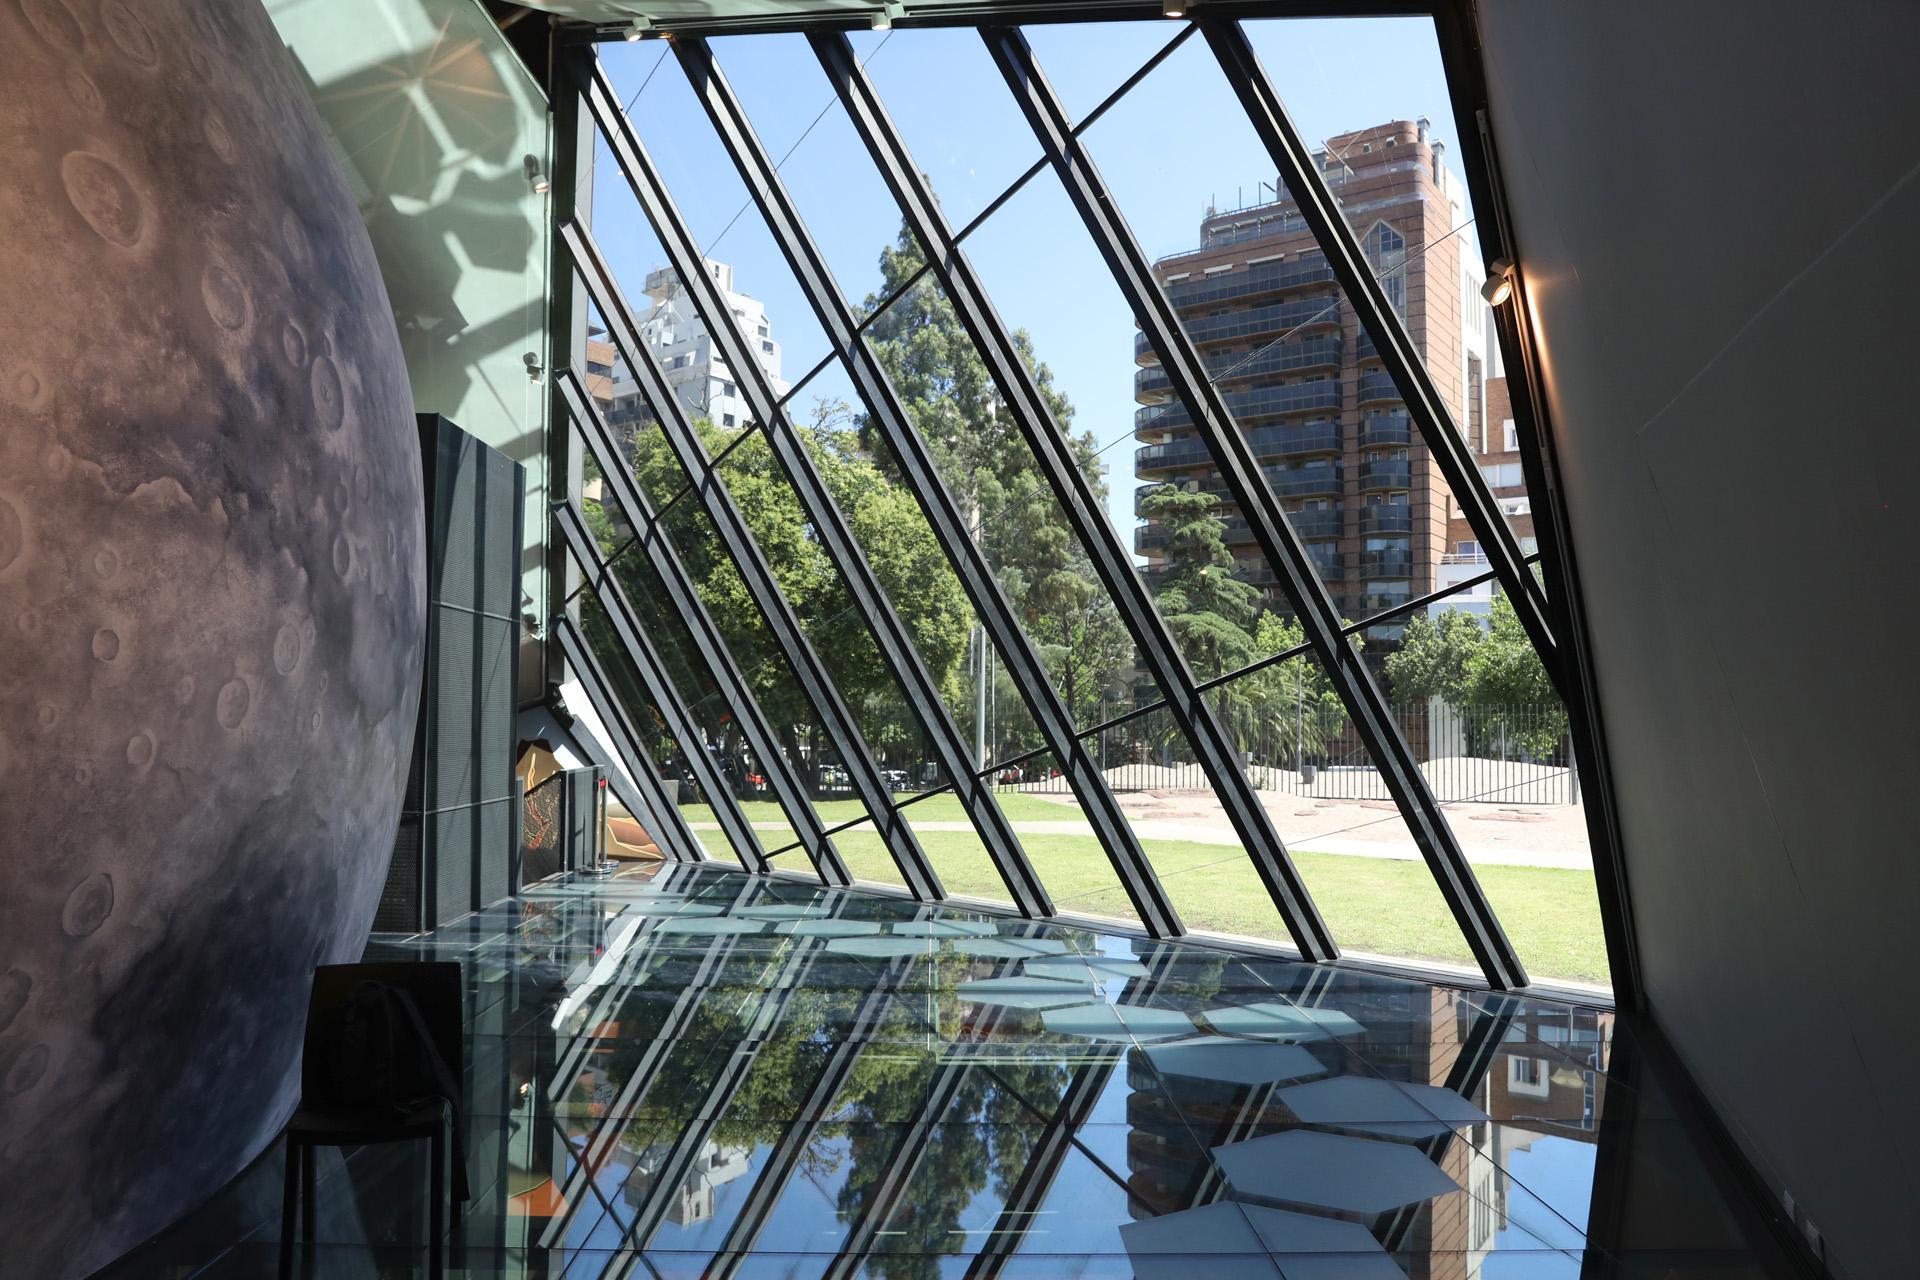 En cada horario hay dos funciones del Planetario Julio Verne, con capacidad para 40 personas. (Mario Sar)